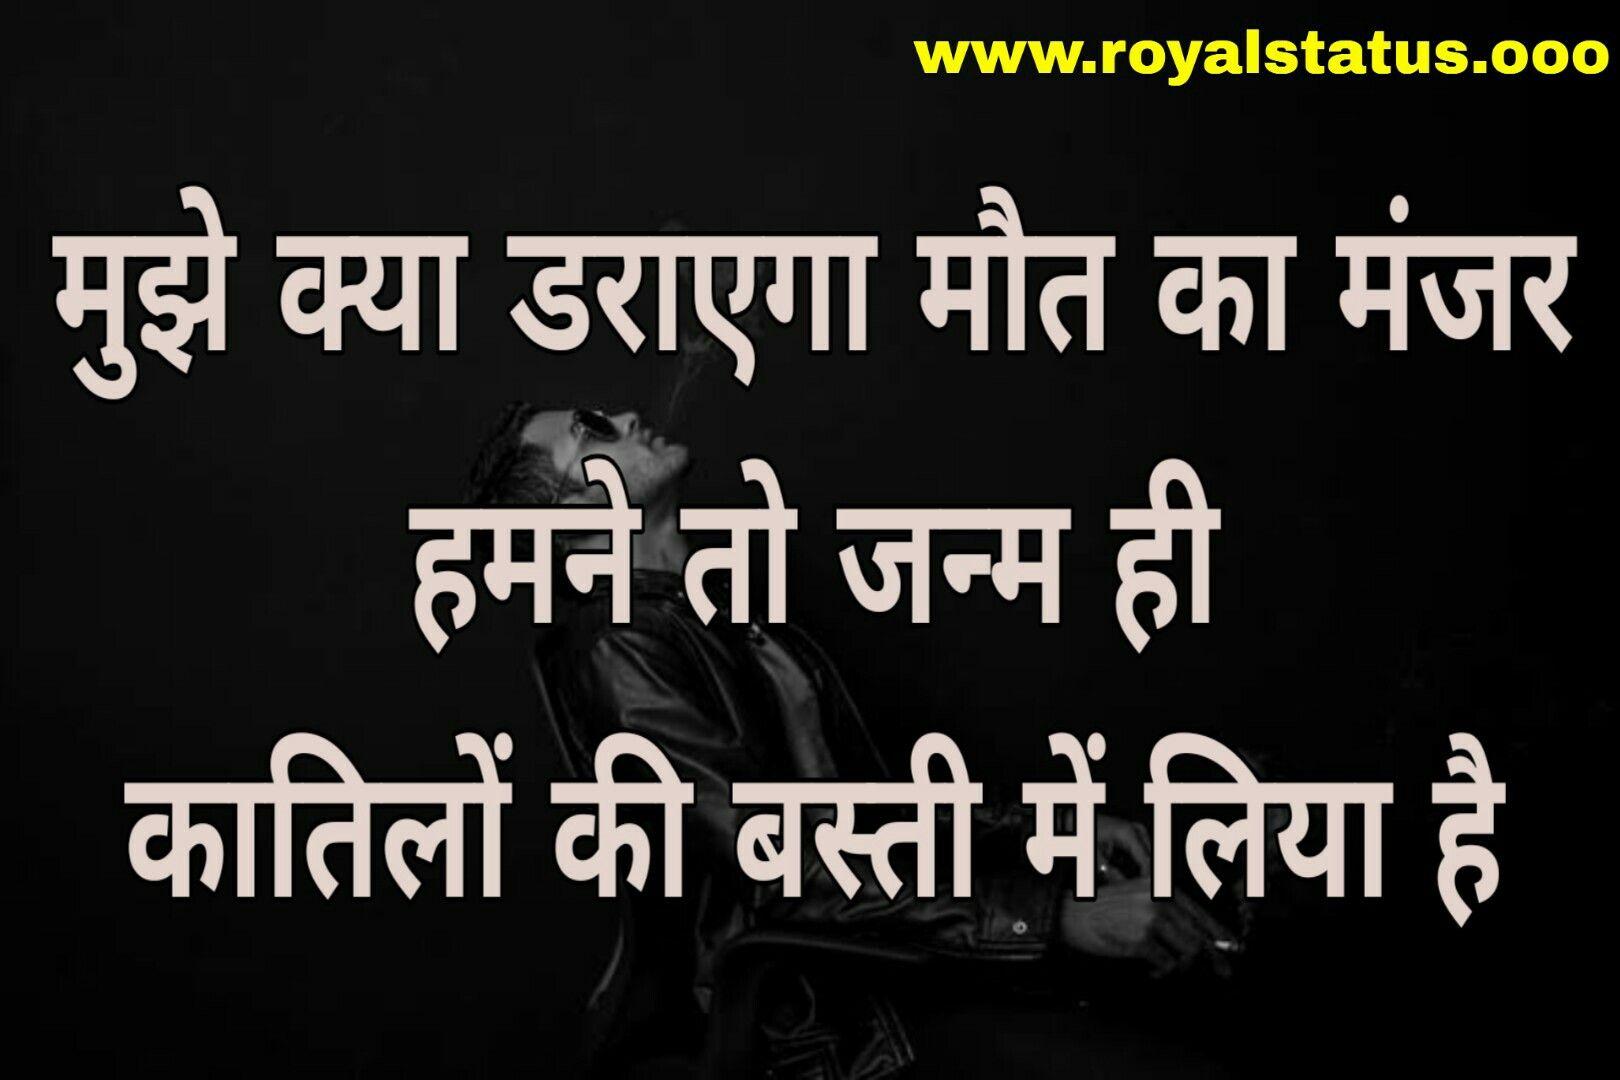 Royal Attitude Status In Hindi Collection Find On Www Royalstatus Ooo Attitude Status Status Hindi Hindi